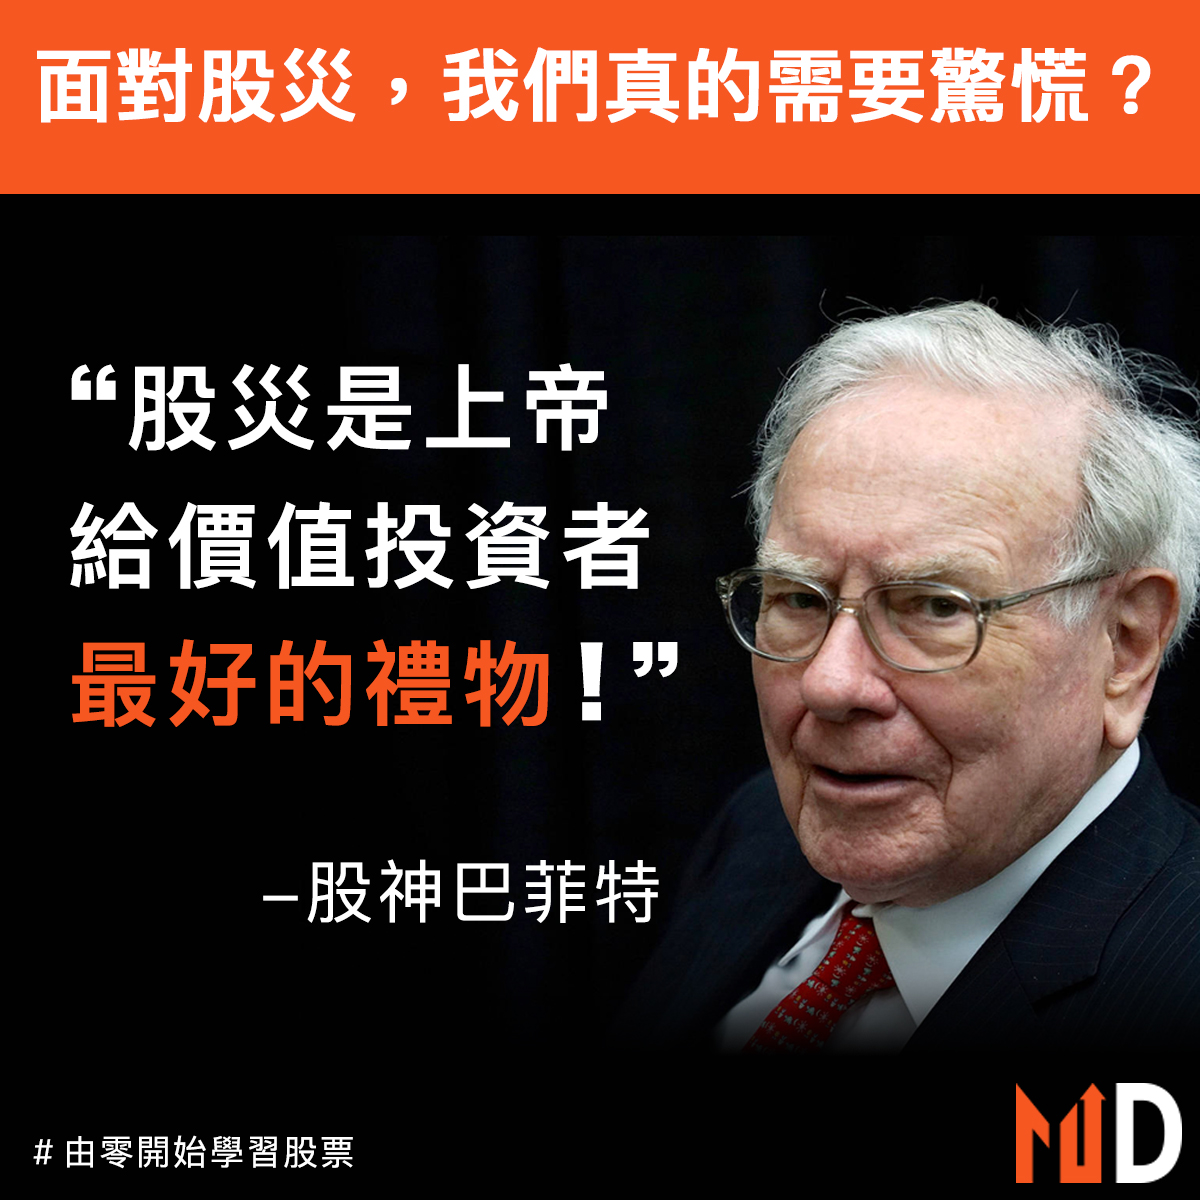 【由零開始學習股票】面對股災,我們真的需要驚慌?